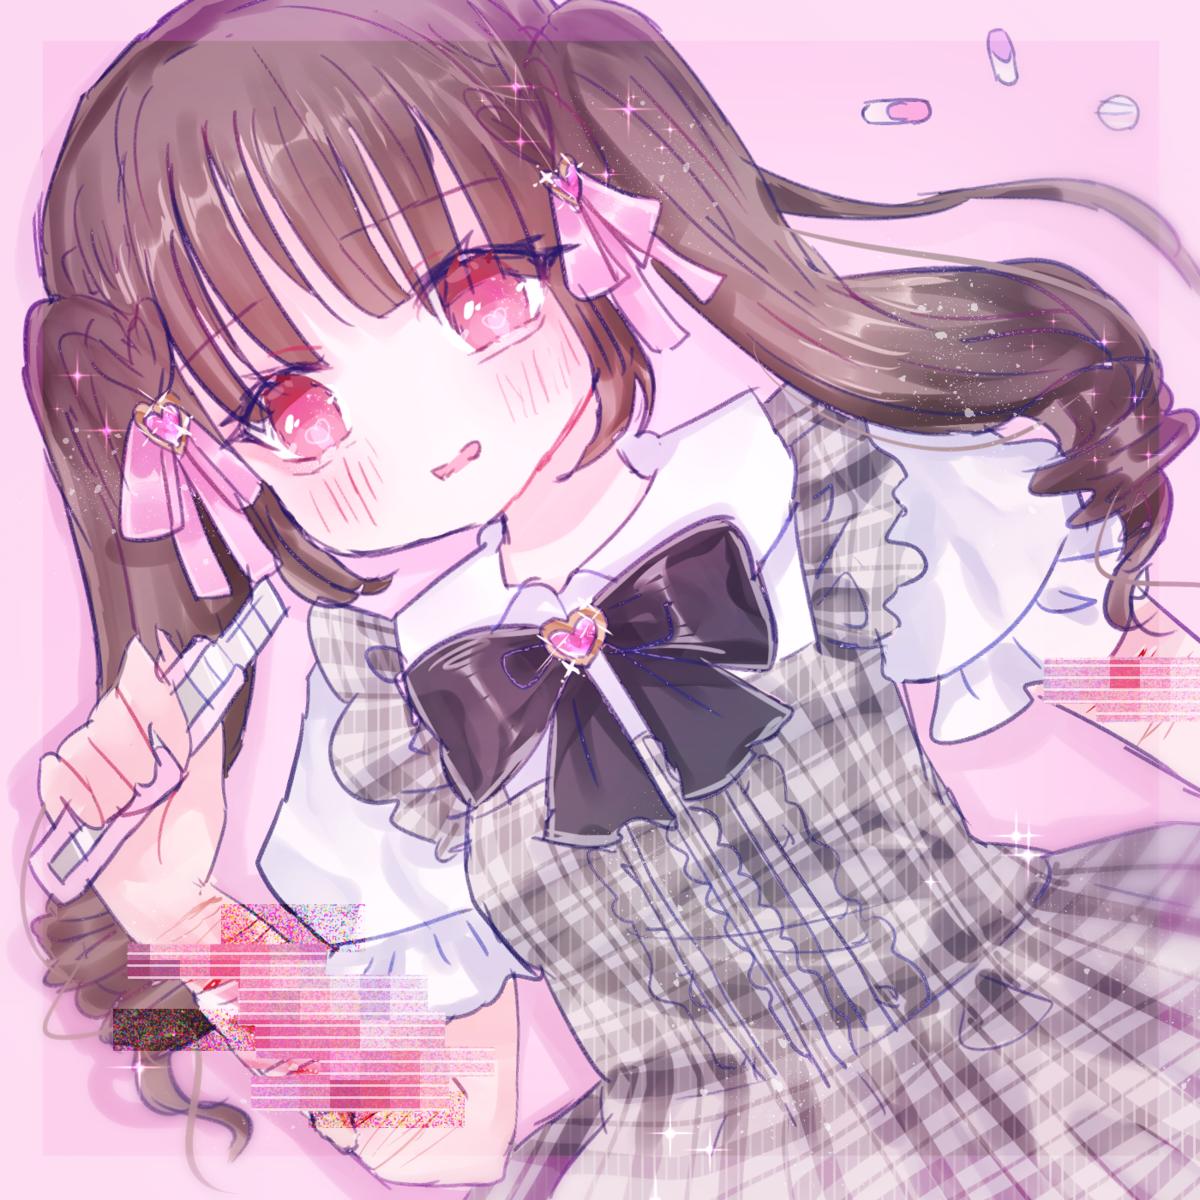 量産型オタク 量産型ヲタク オリジナル イラスト 女の子 可愛い メンヘラ ピンク